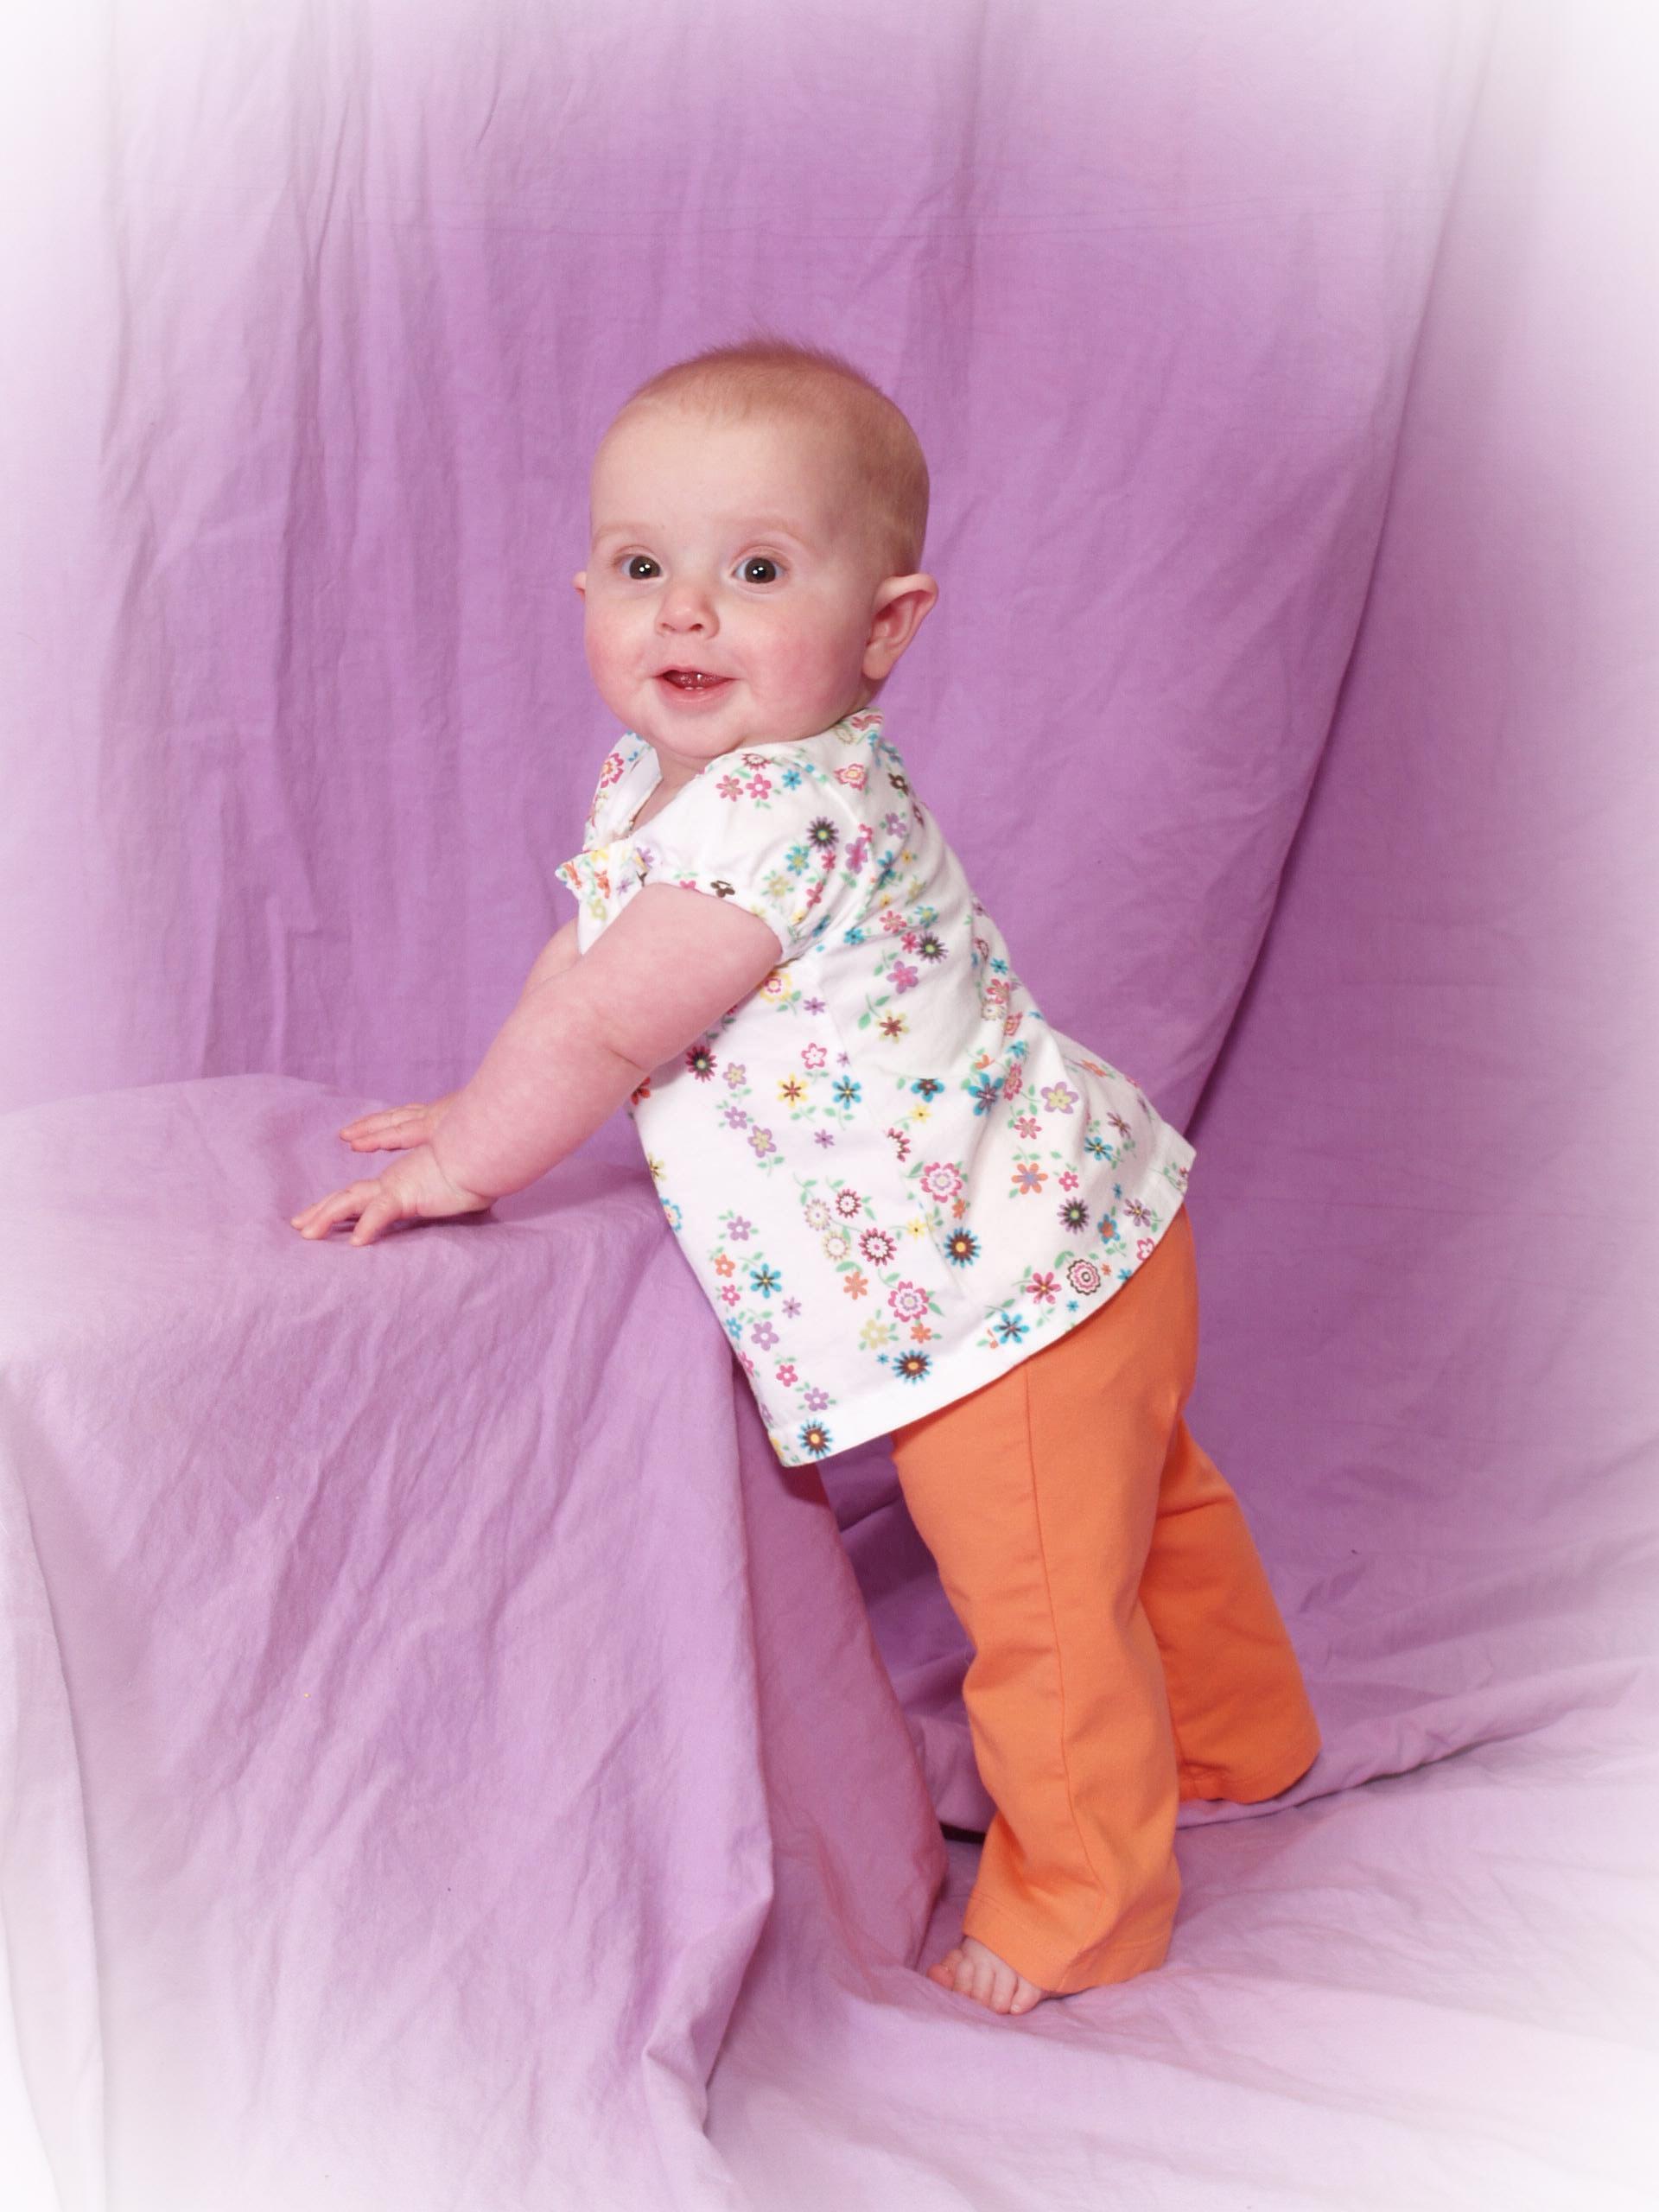 kivrin-standing-in-orange-pants